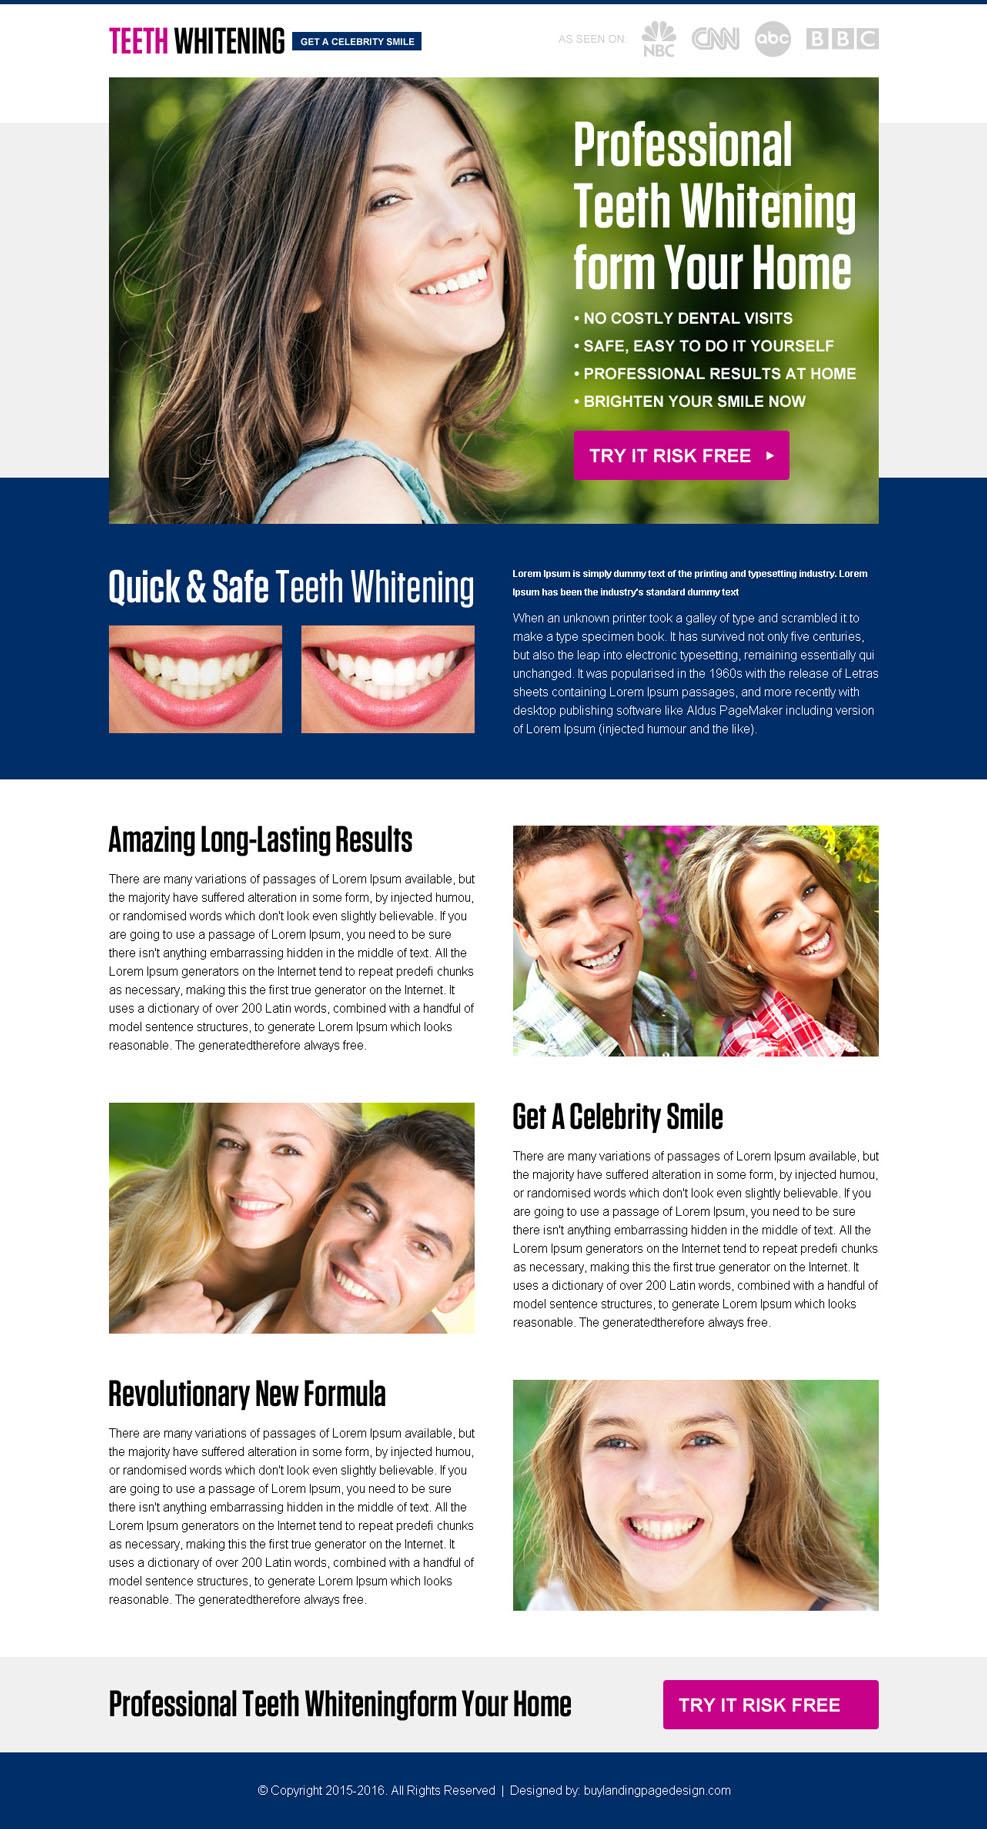 teeth-whitening-ppc-landing-page-design-009